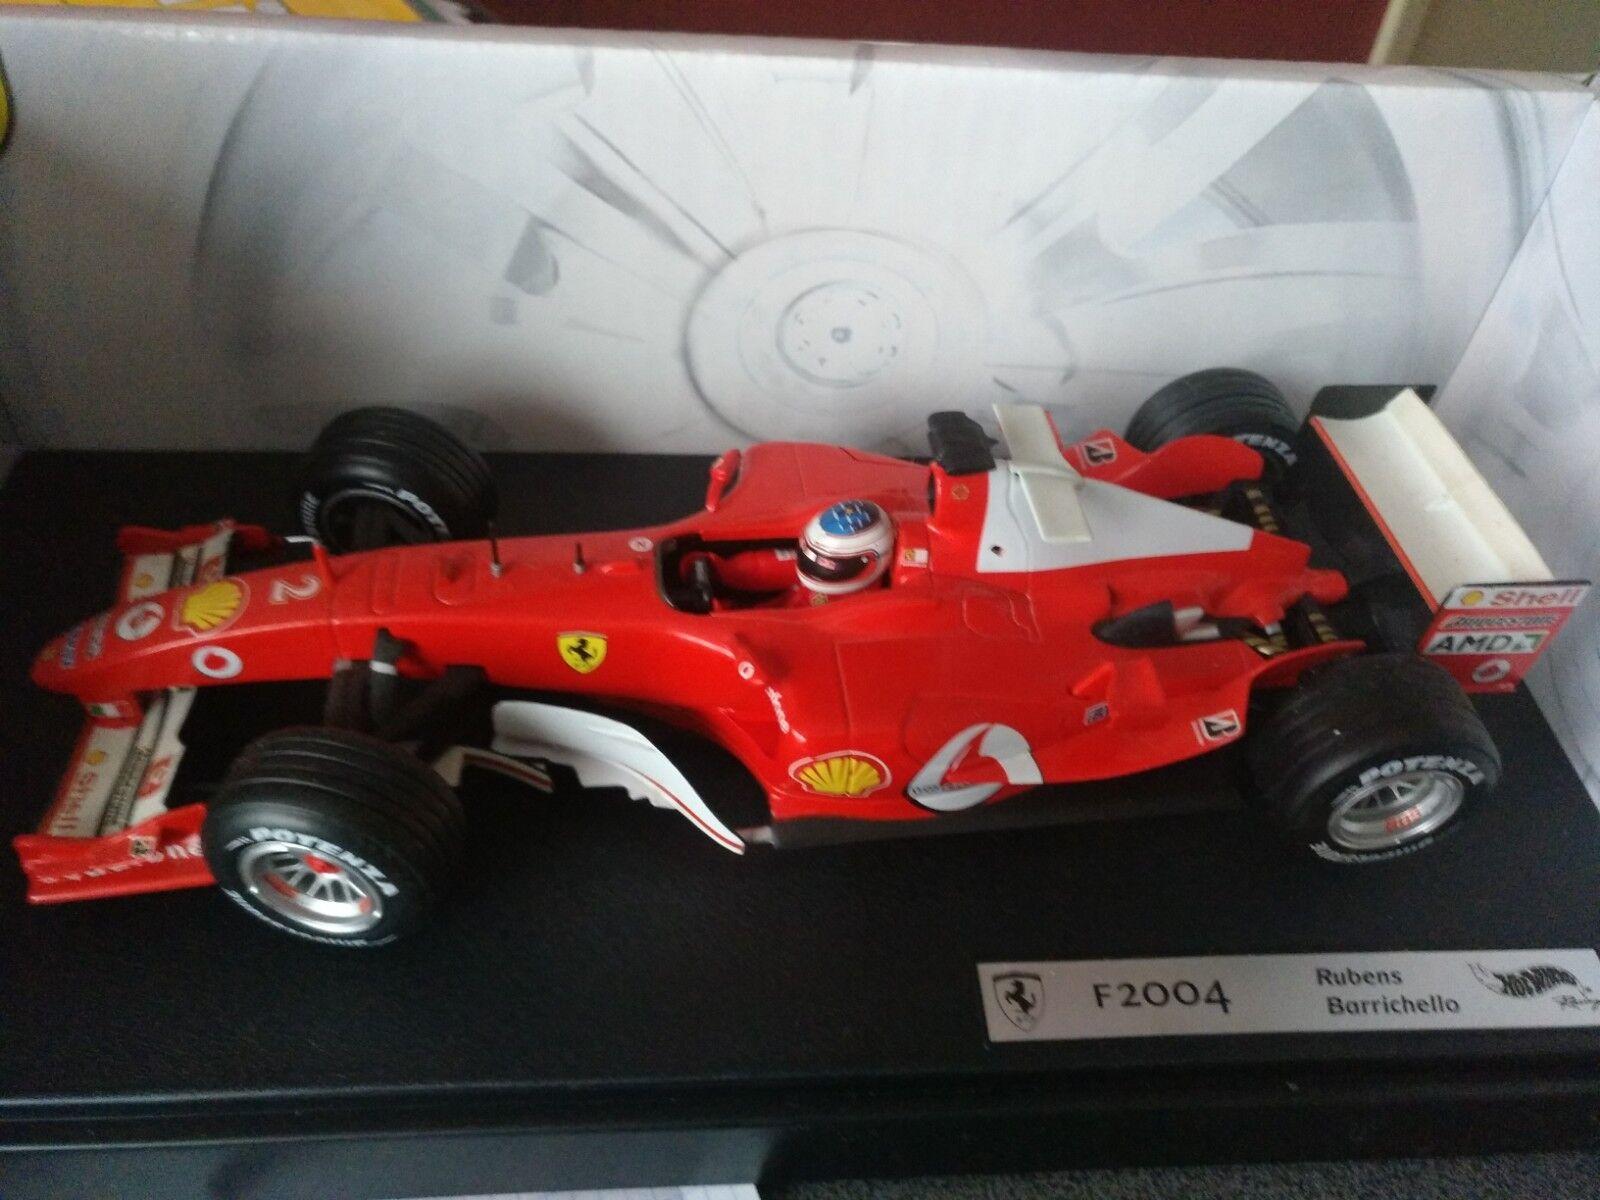 Ferrari Hotwheels Rubens Barichello 1 18 F2004 2004 in box